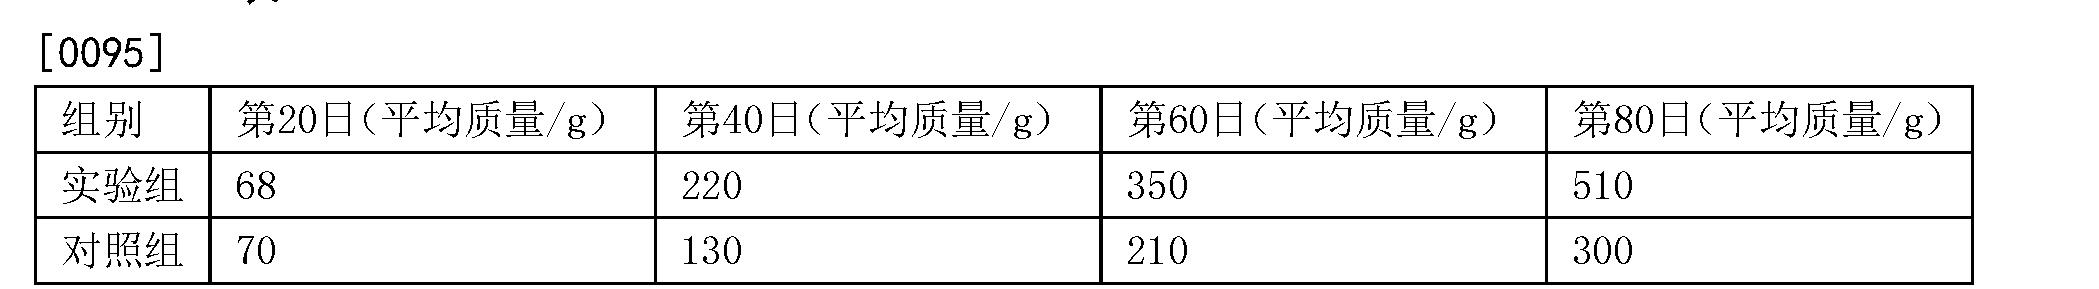 Figure CN104296011BD00102